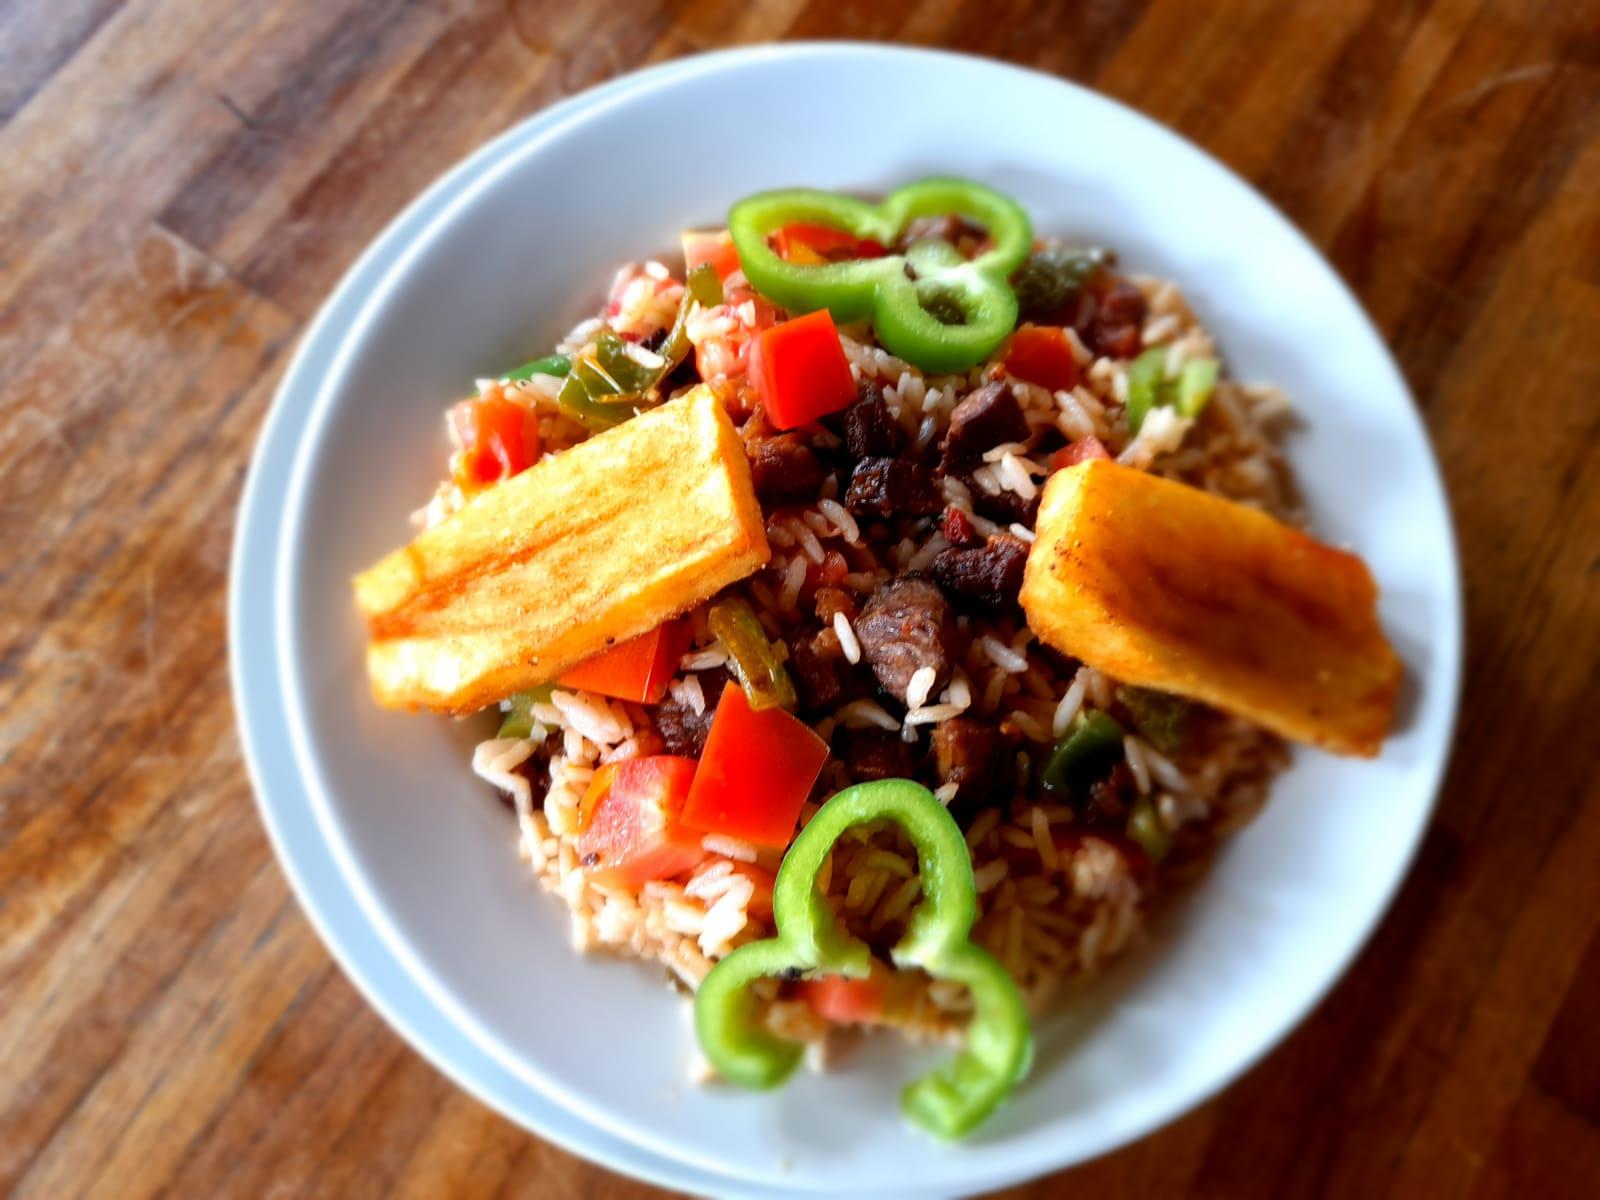 Descubra os segredos e curiosidades do arroz carreteiro